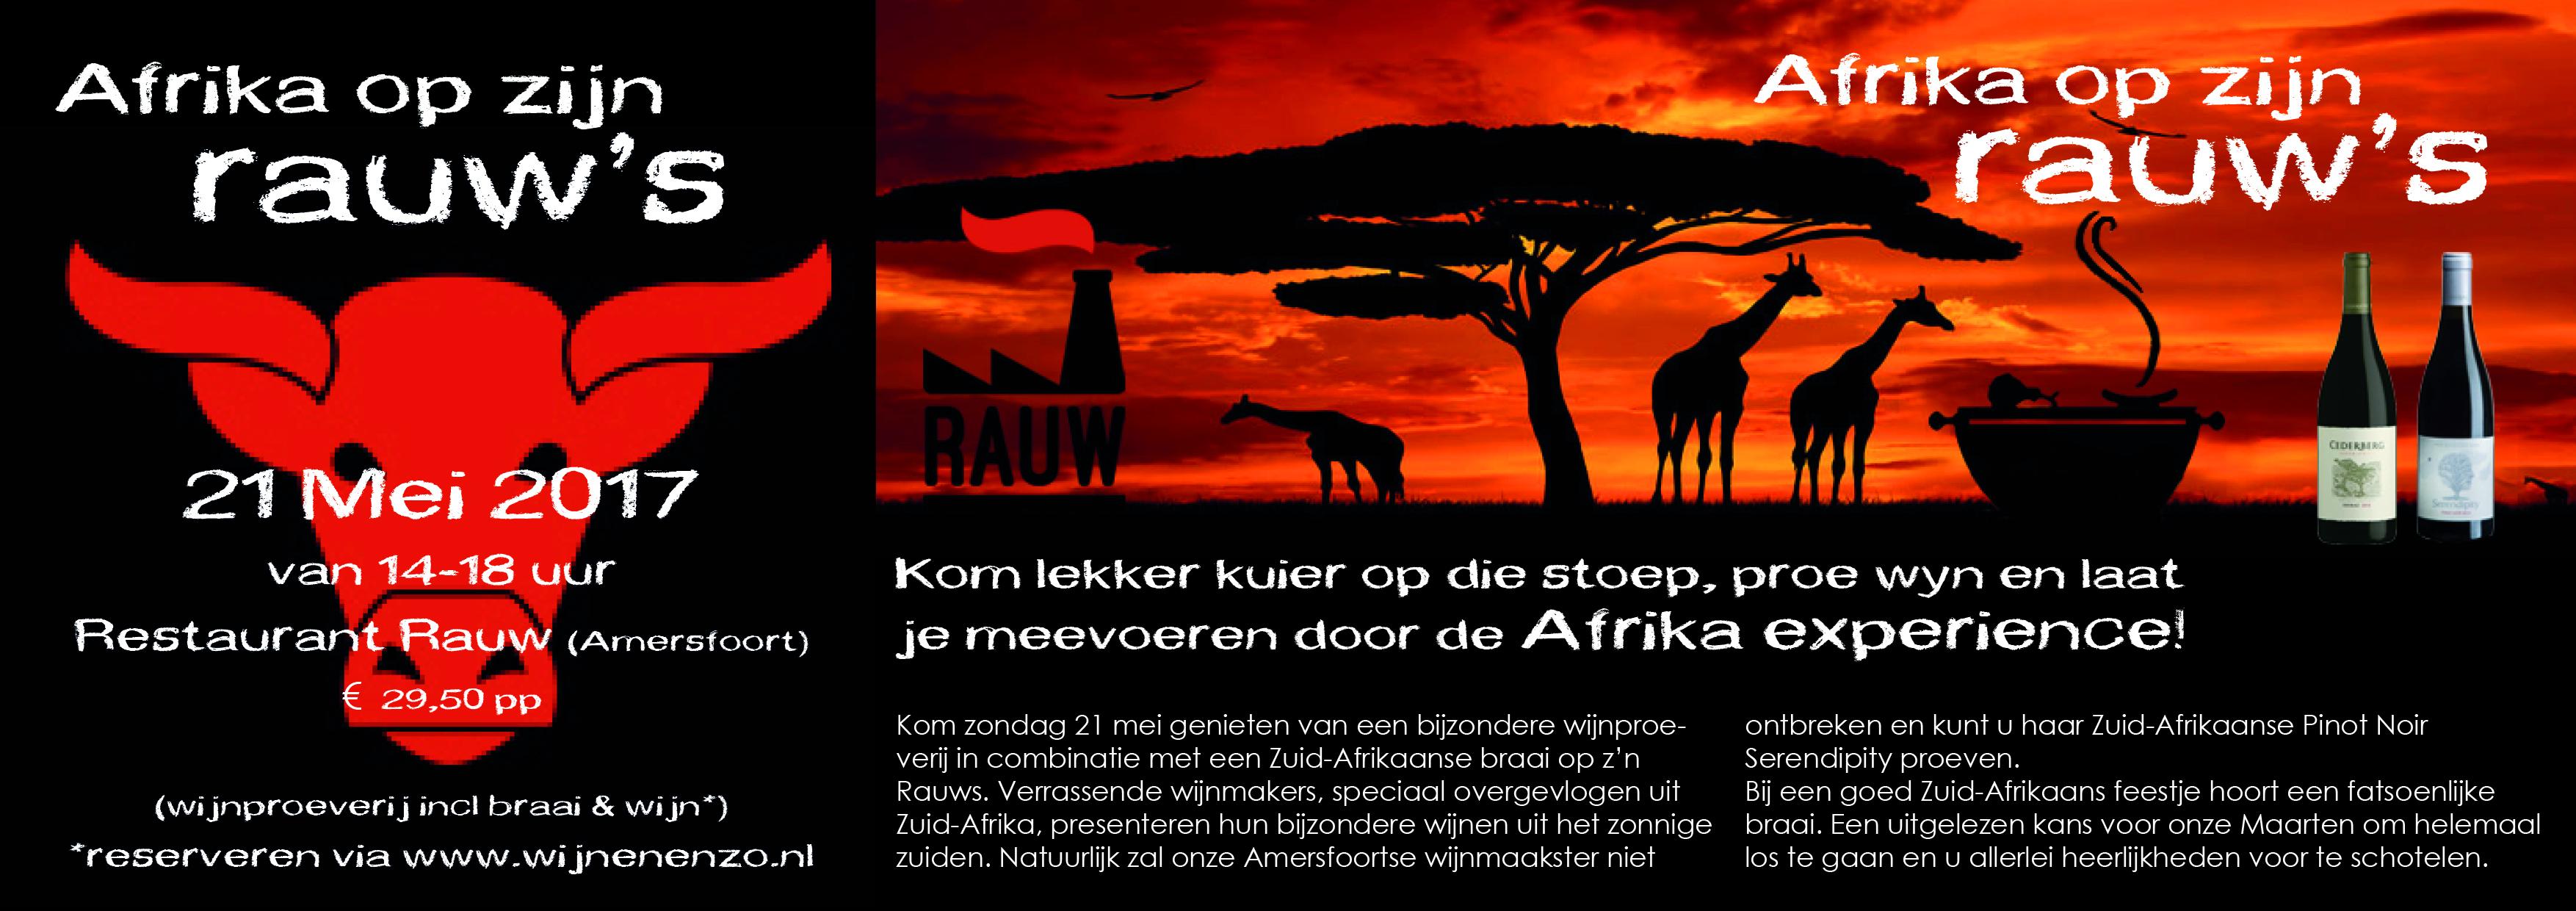 AFRIKA OP ZIJN RAUW'S-def